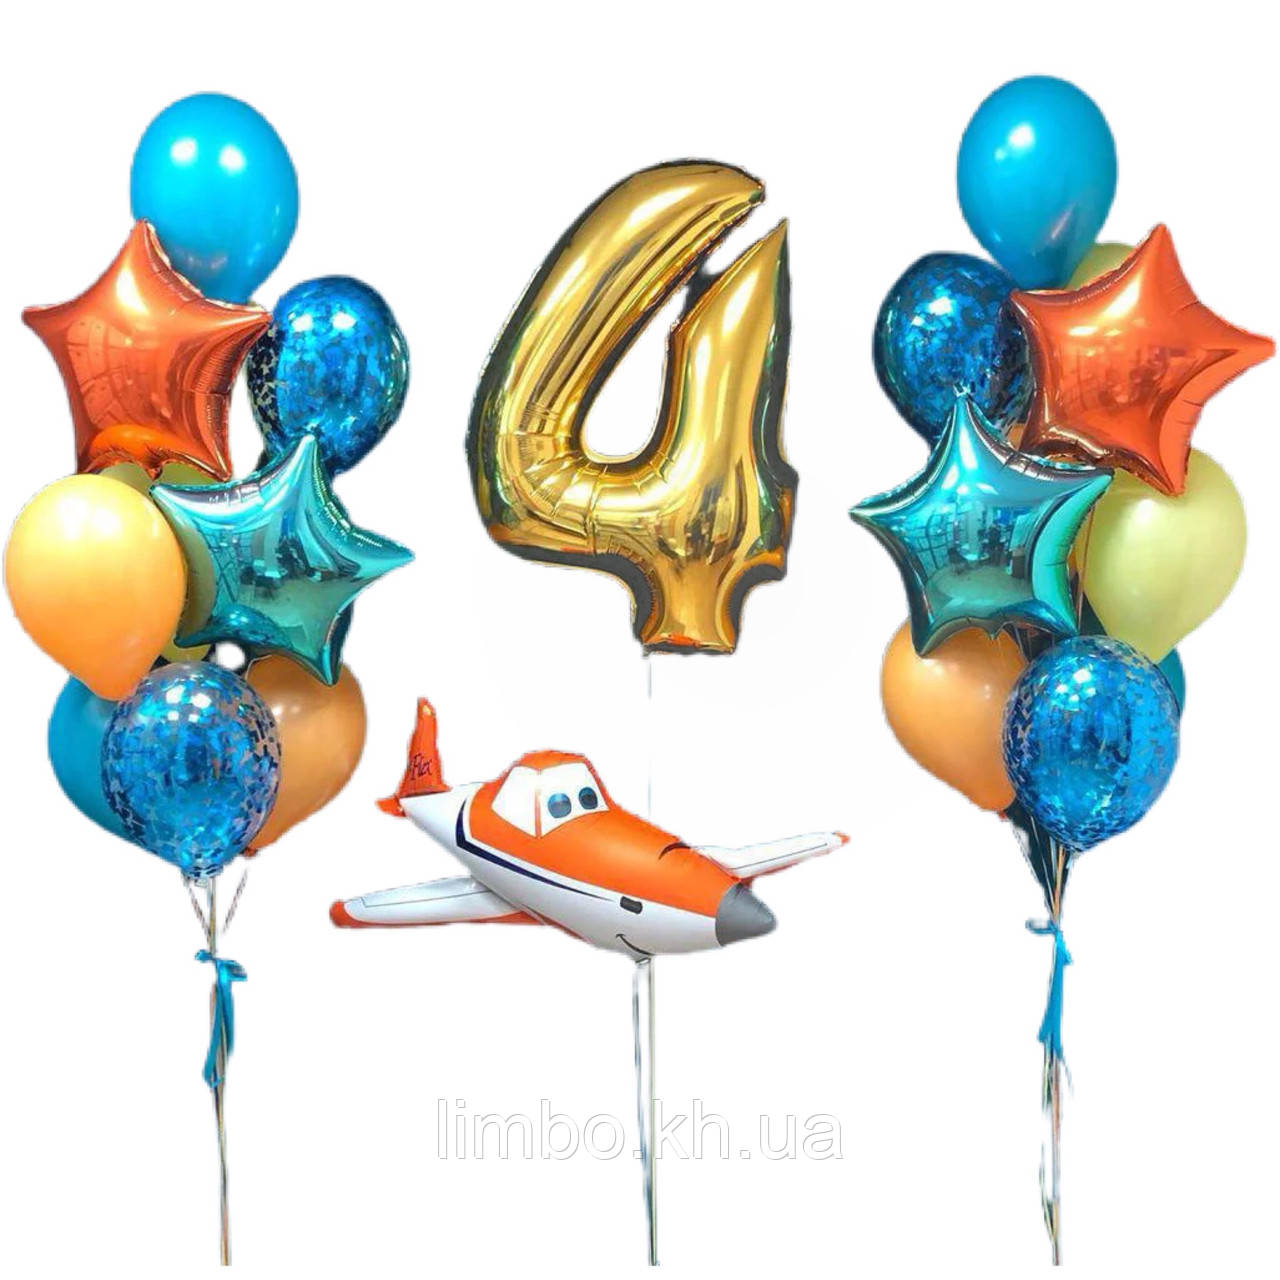 Кульки з гелієм на день народження, кулька цифра 4 і фольгована фігура літак